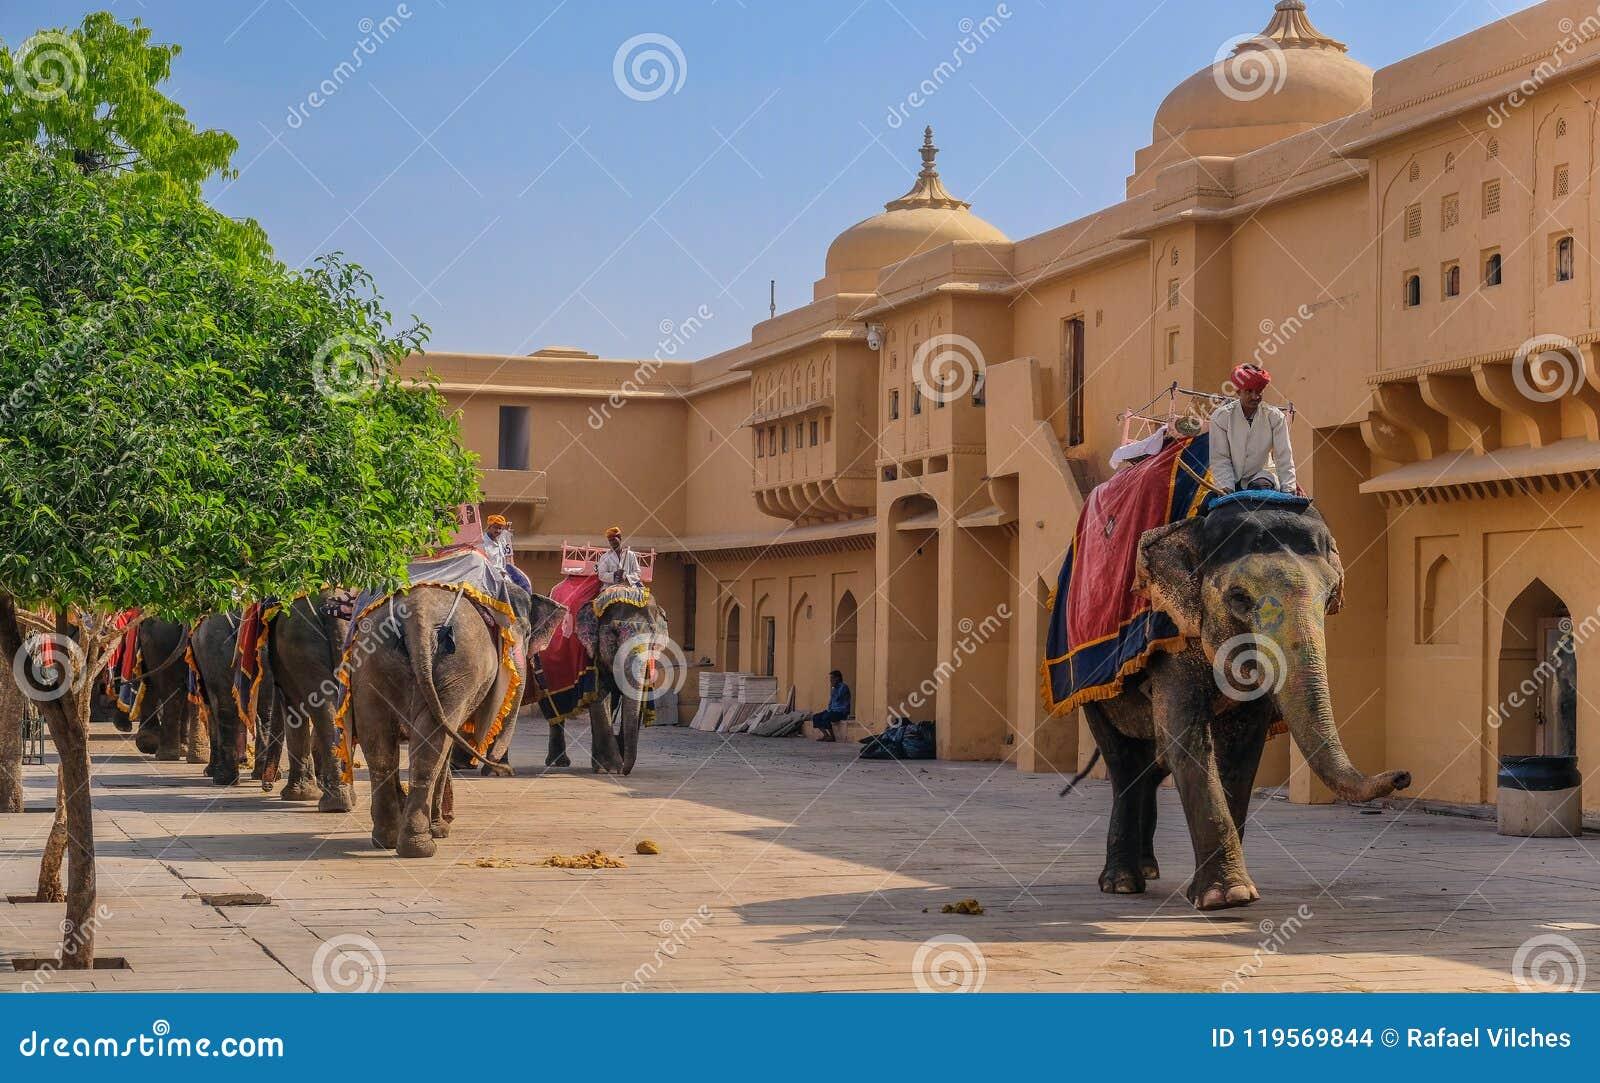 大象行在琥珀色的堡垒的